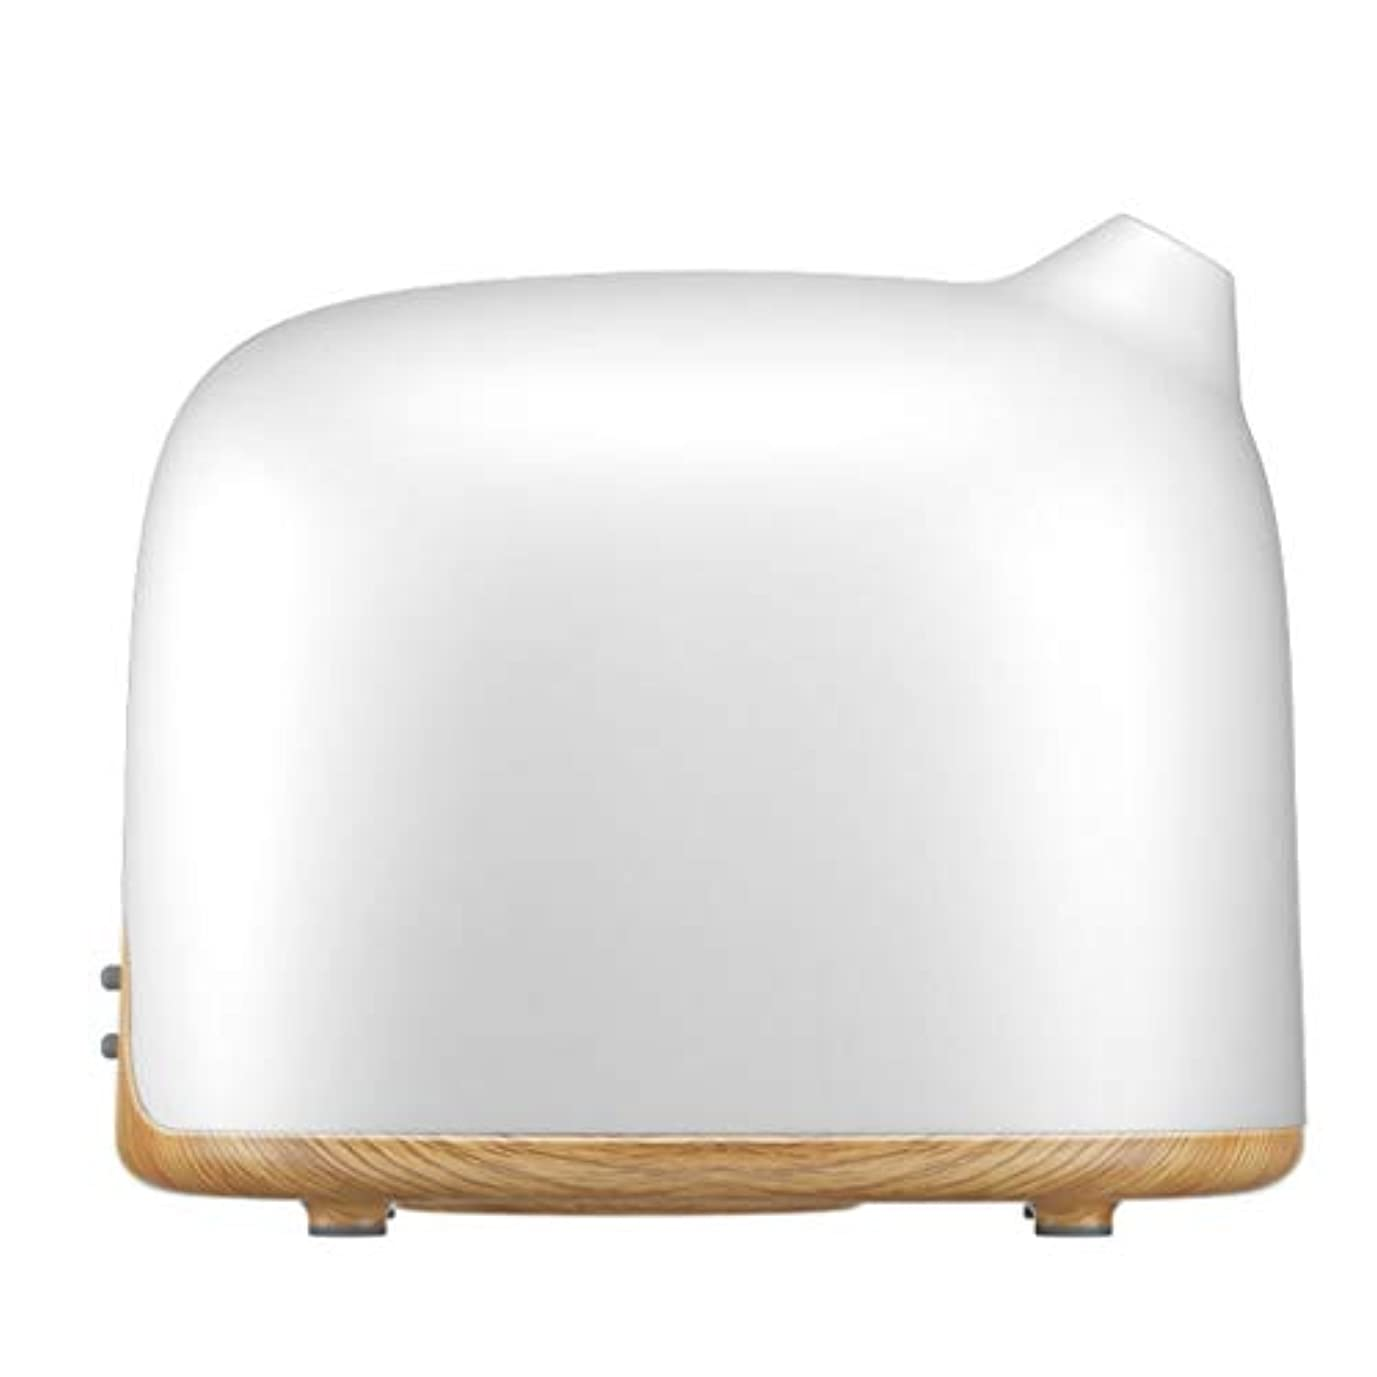 ボーナスシーン不均一空気加湿器ホームサイレント寝室妊娠中の女性ベビーエアフォグ大容量ディフューザー (Color : Natural)